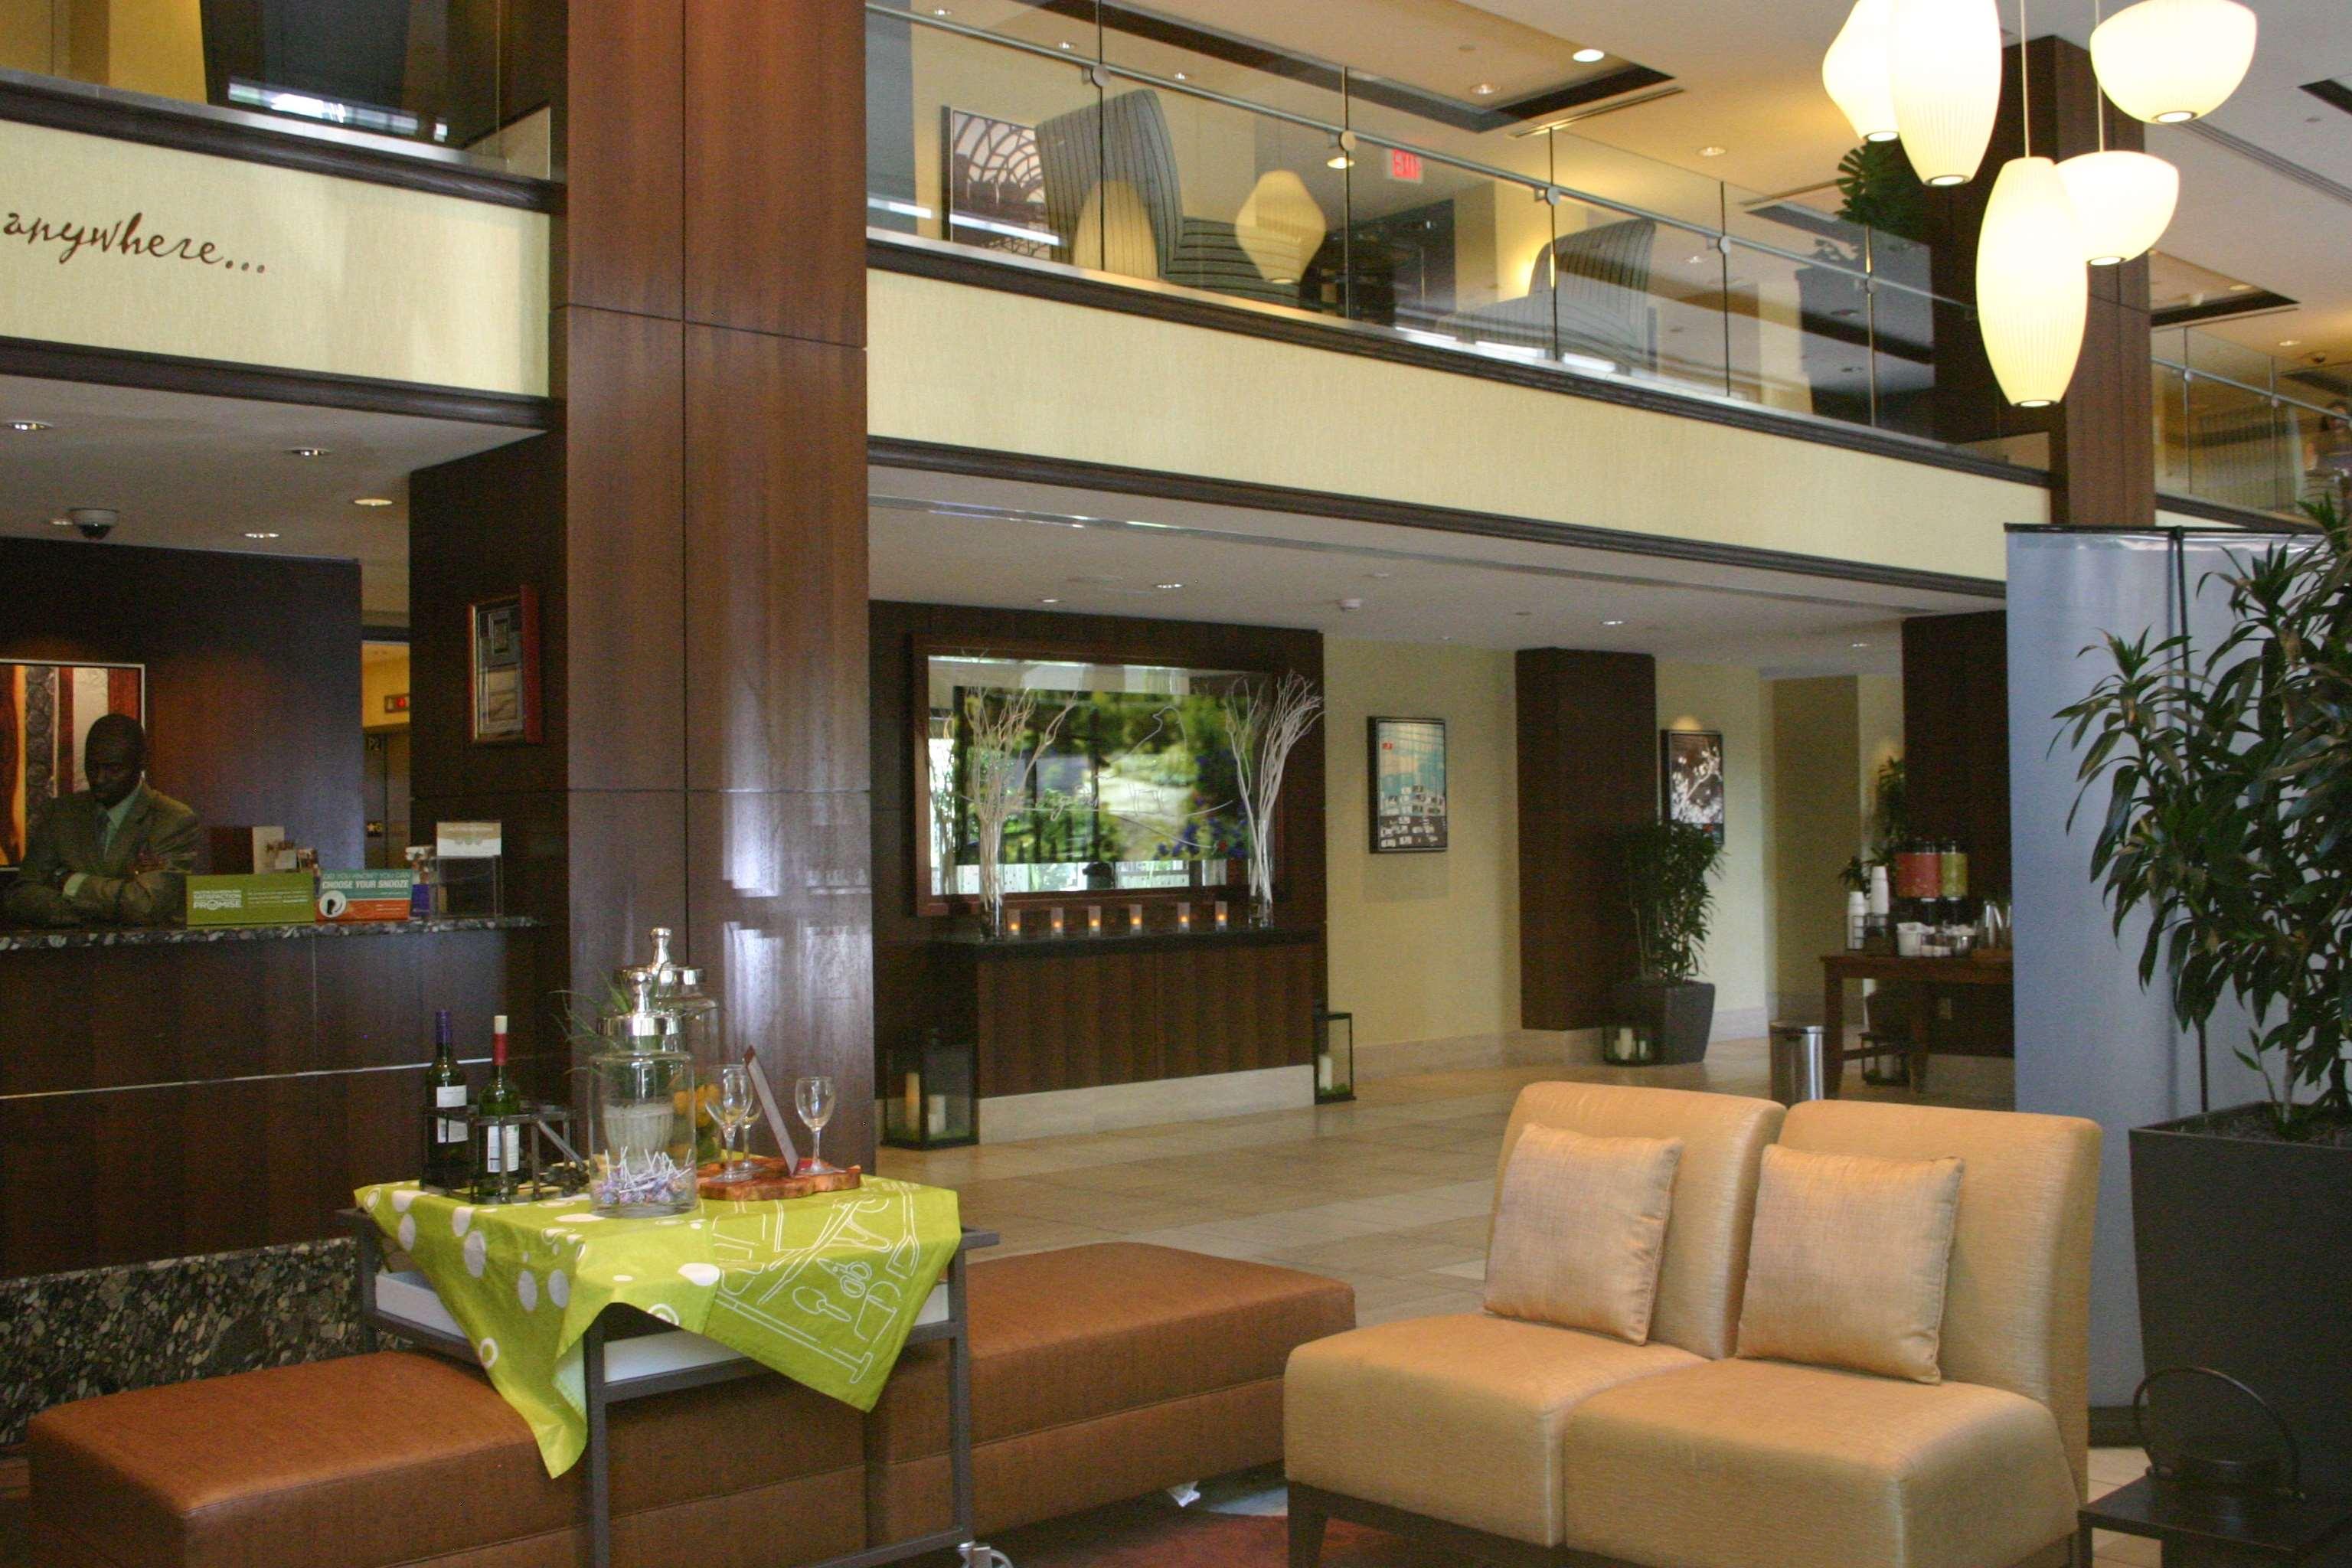 Hilton garden inn washington dc bethesda bethesda maryland md for Hilton garden inn washington dc bethesda